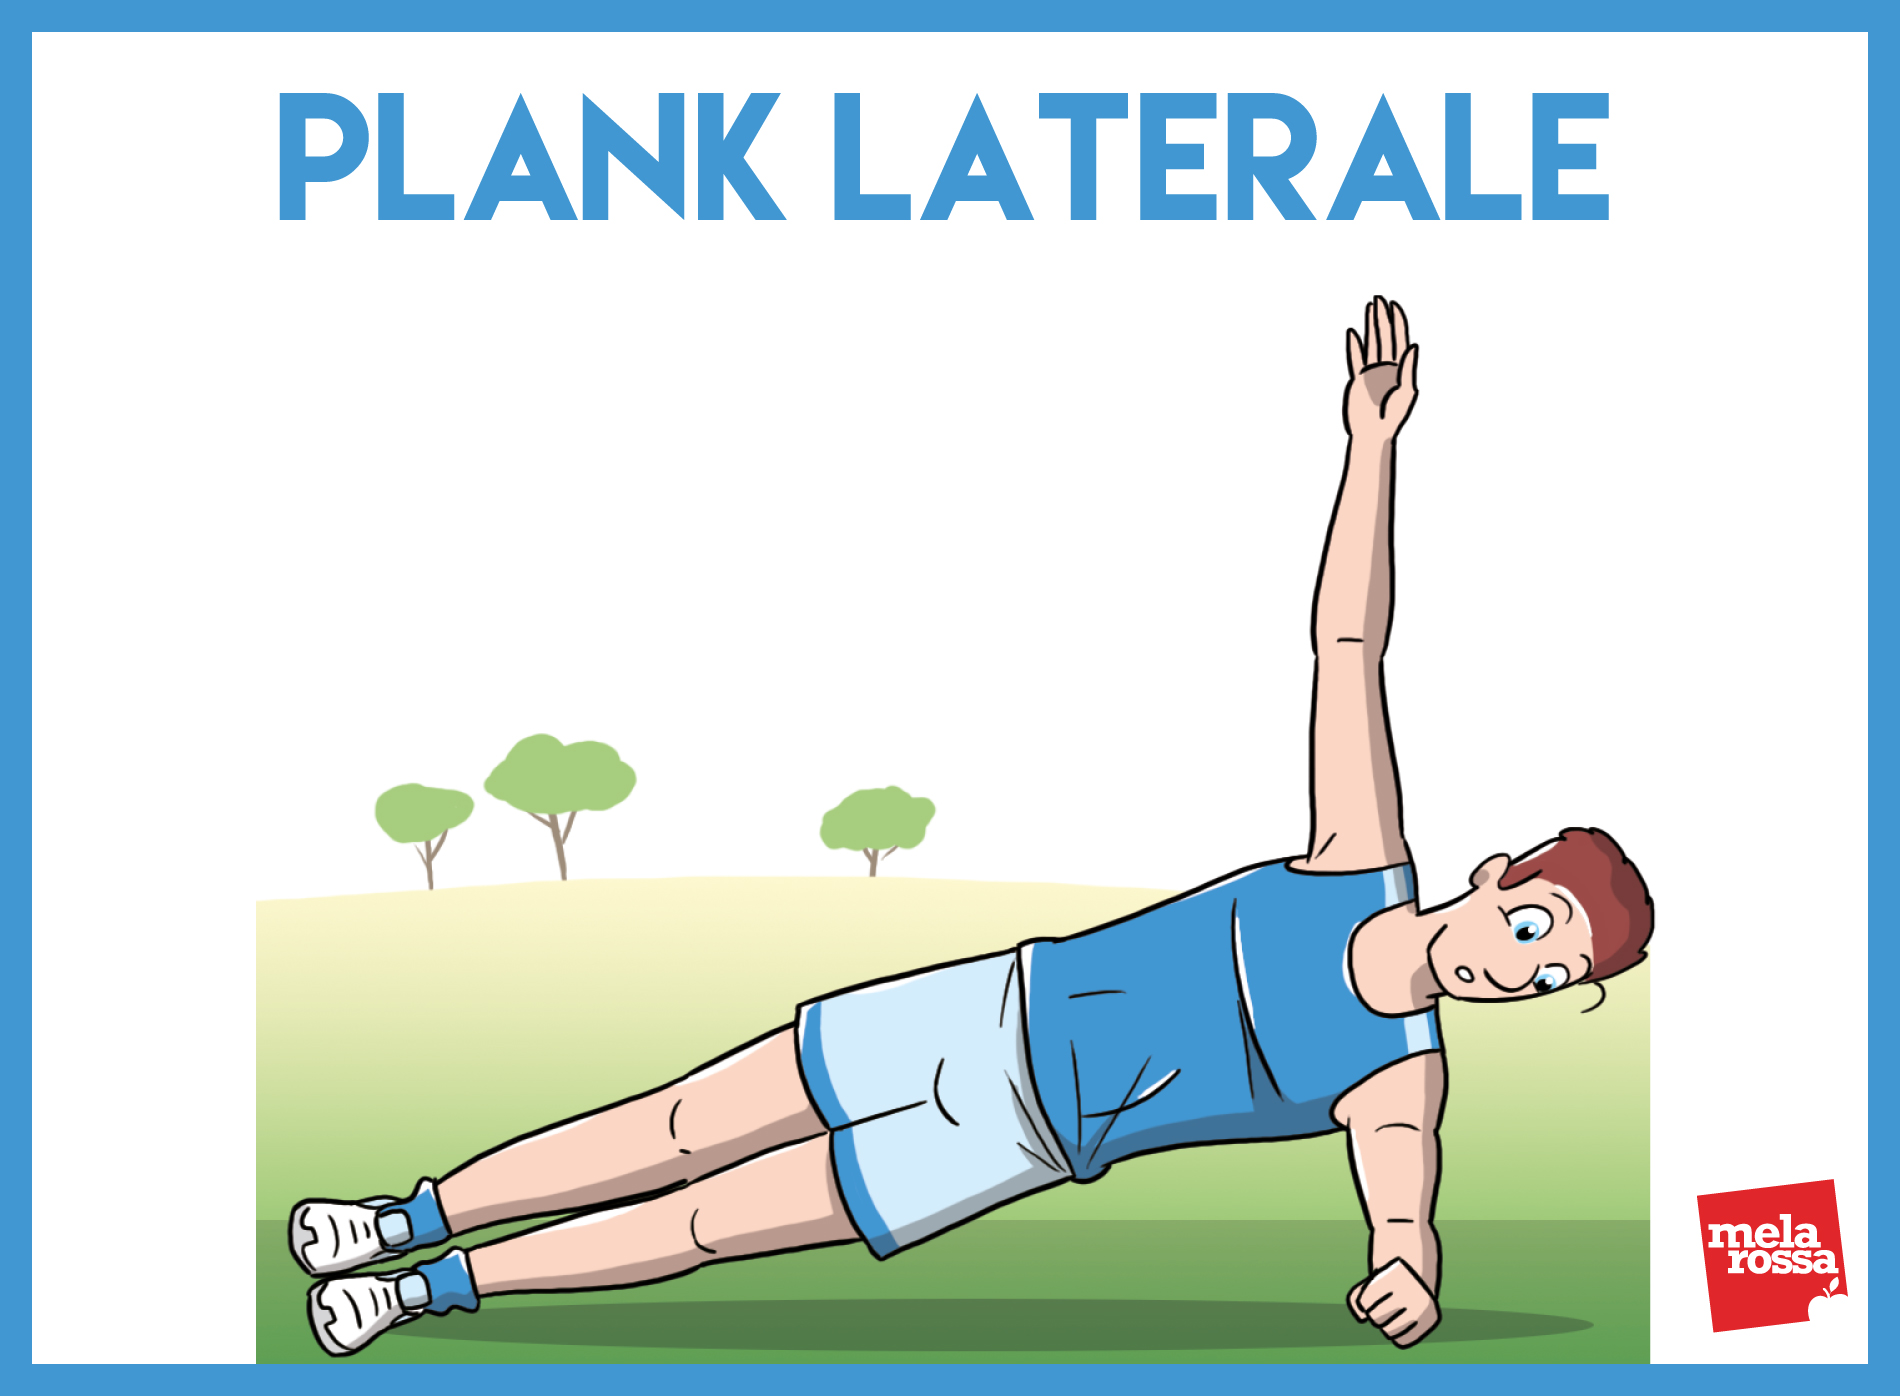 allenamento funzionale: plank laterale